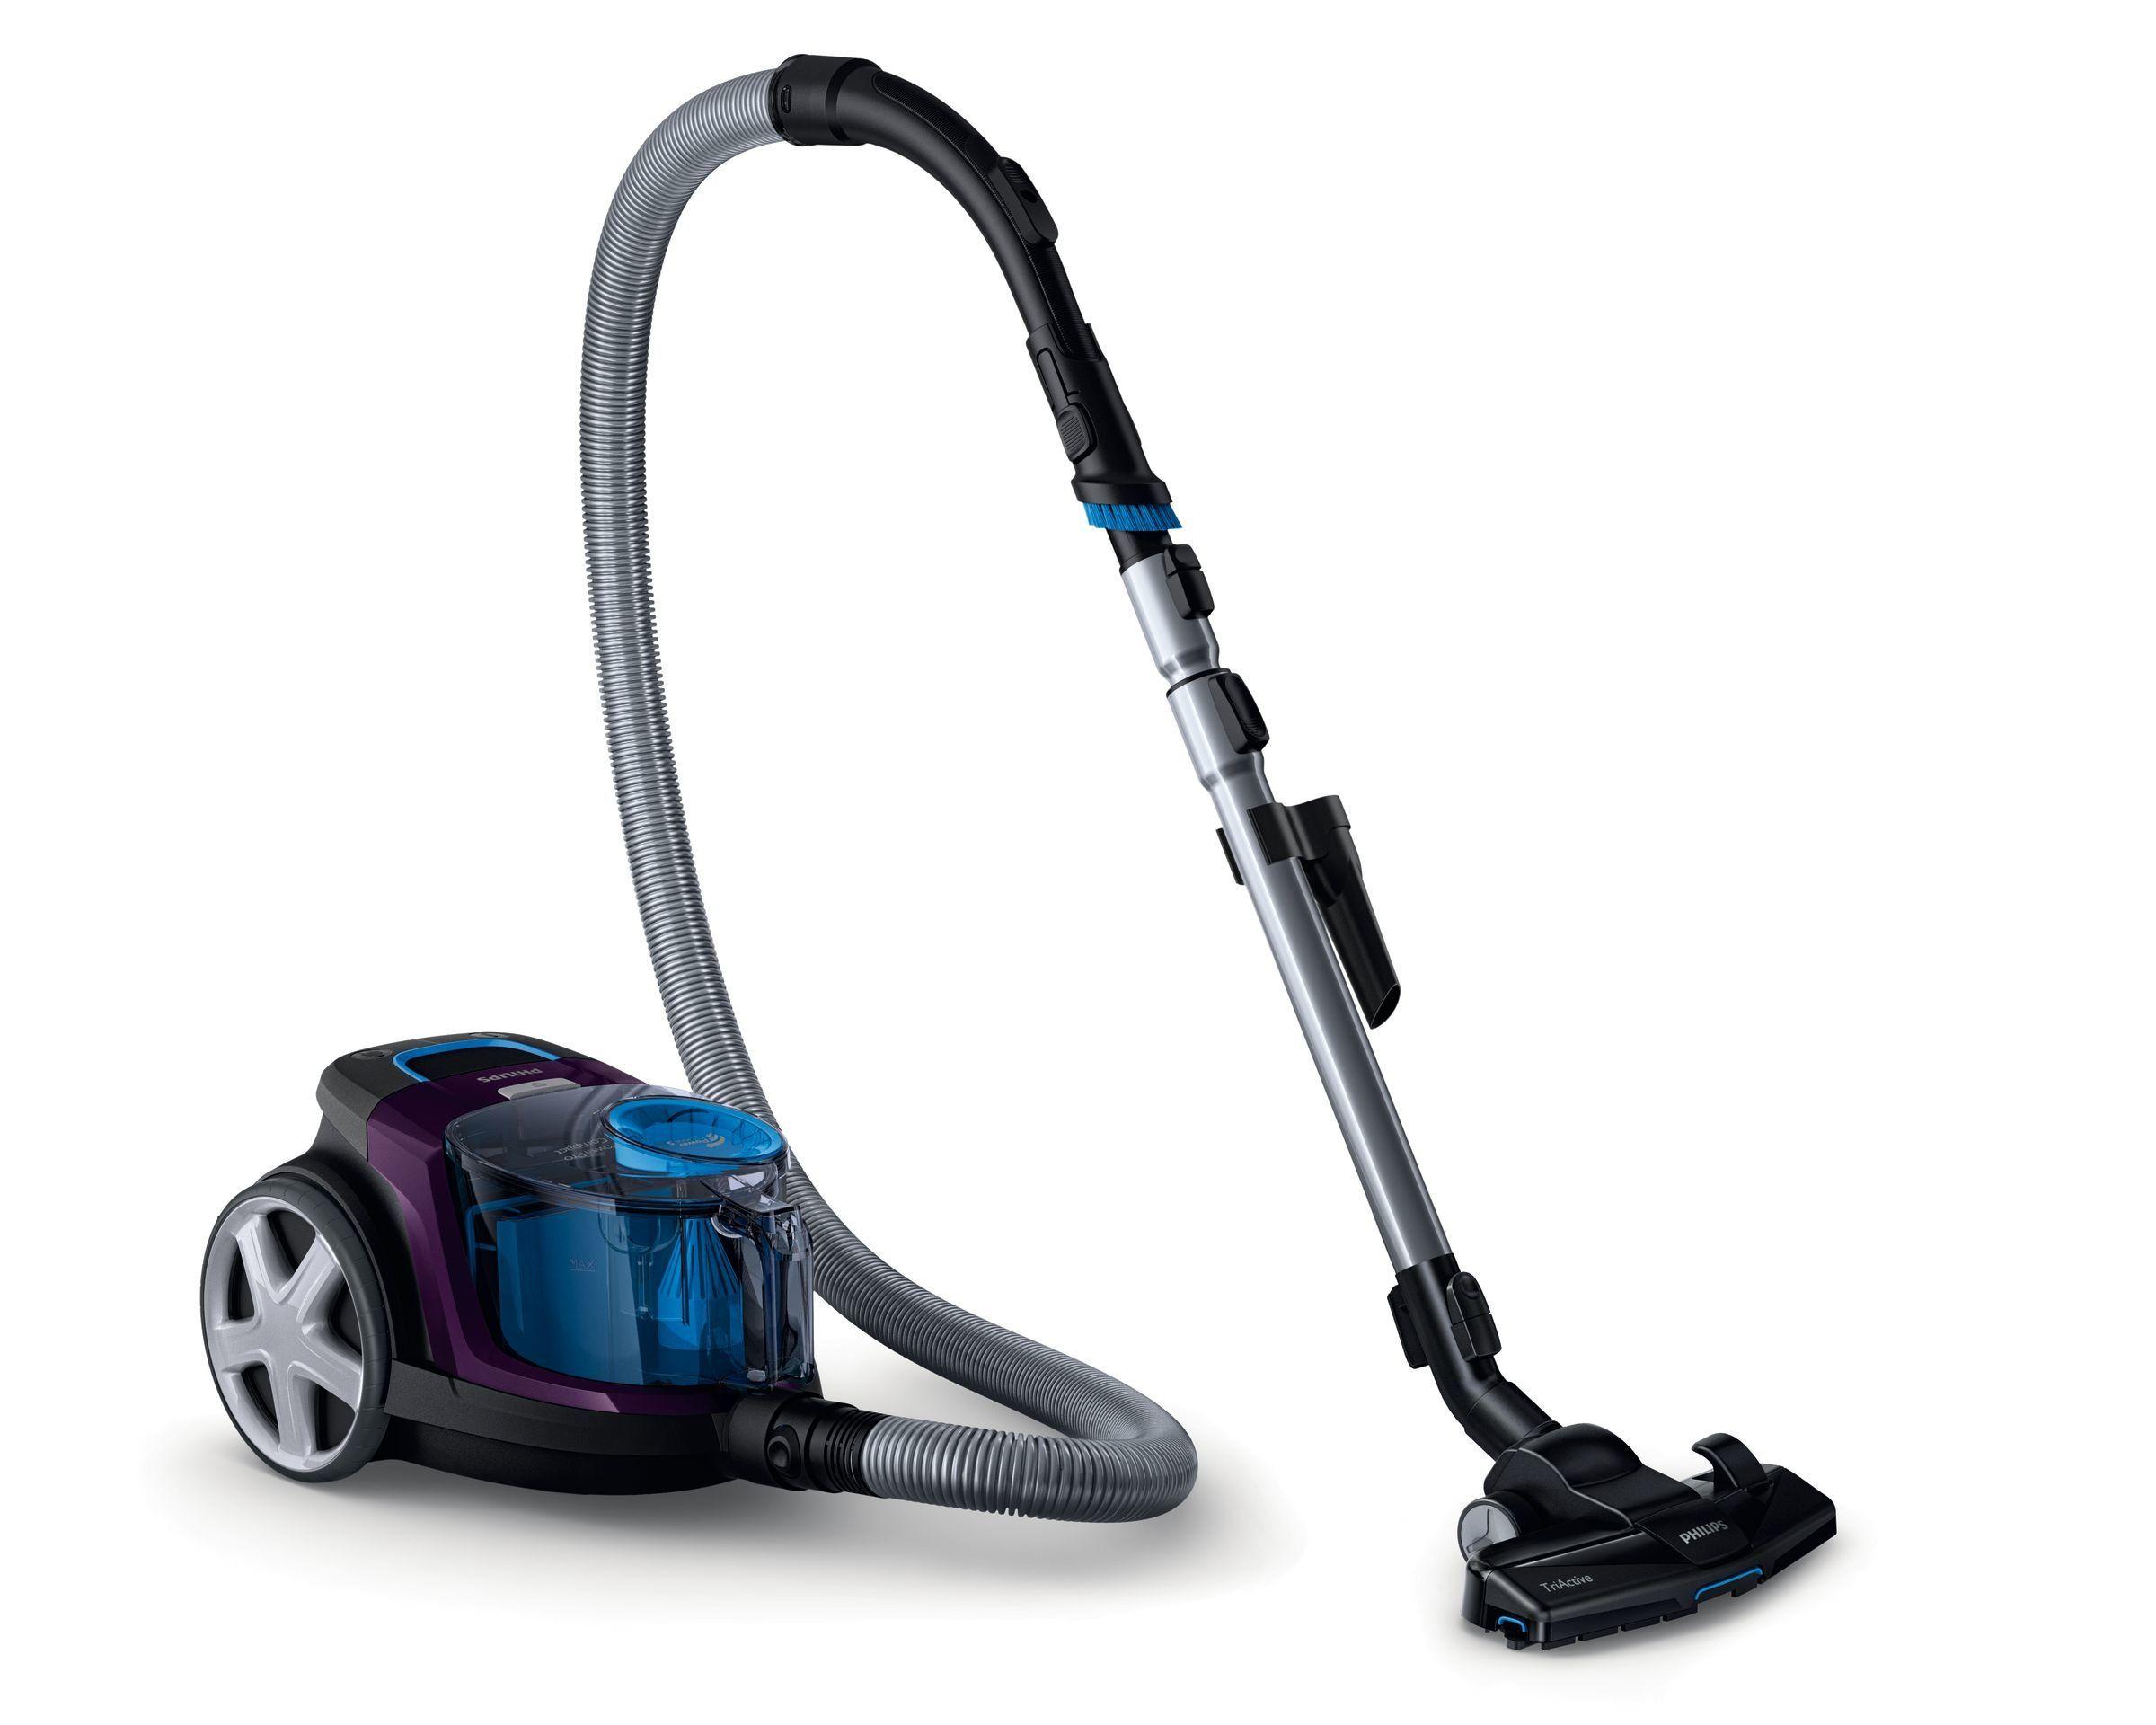 Philips Beutelloser Staubsauger Fc9333 09 Bodenstaubsauger Kunststoff 1 5 Liters Schwarz Blau Grau Violett In 2020 Vacuum Cleaner Best Vacuum Stick Vacuum